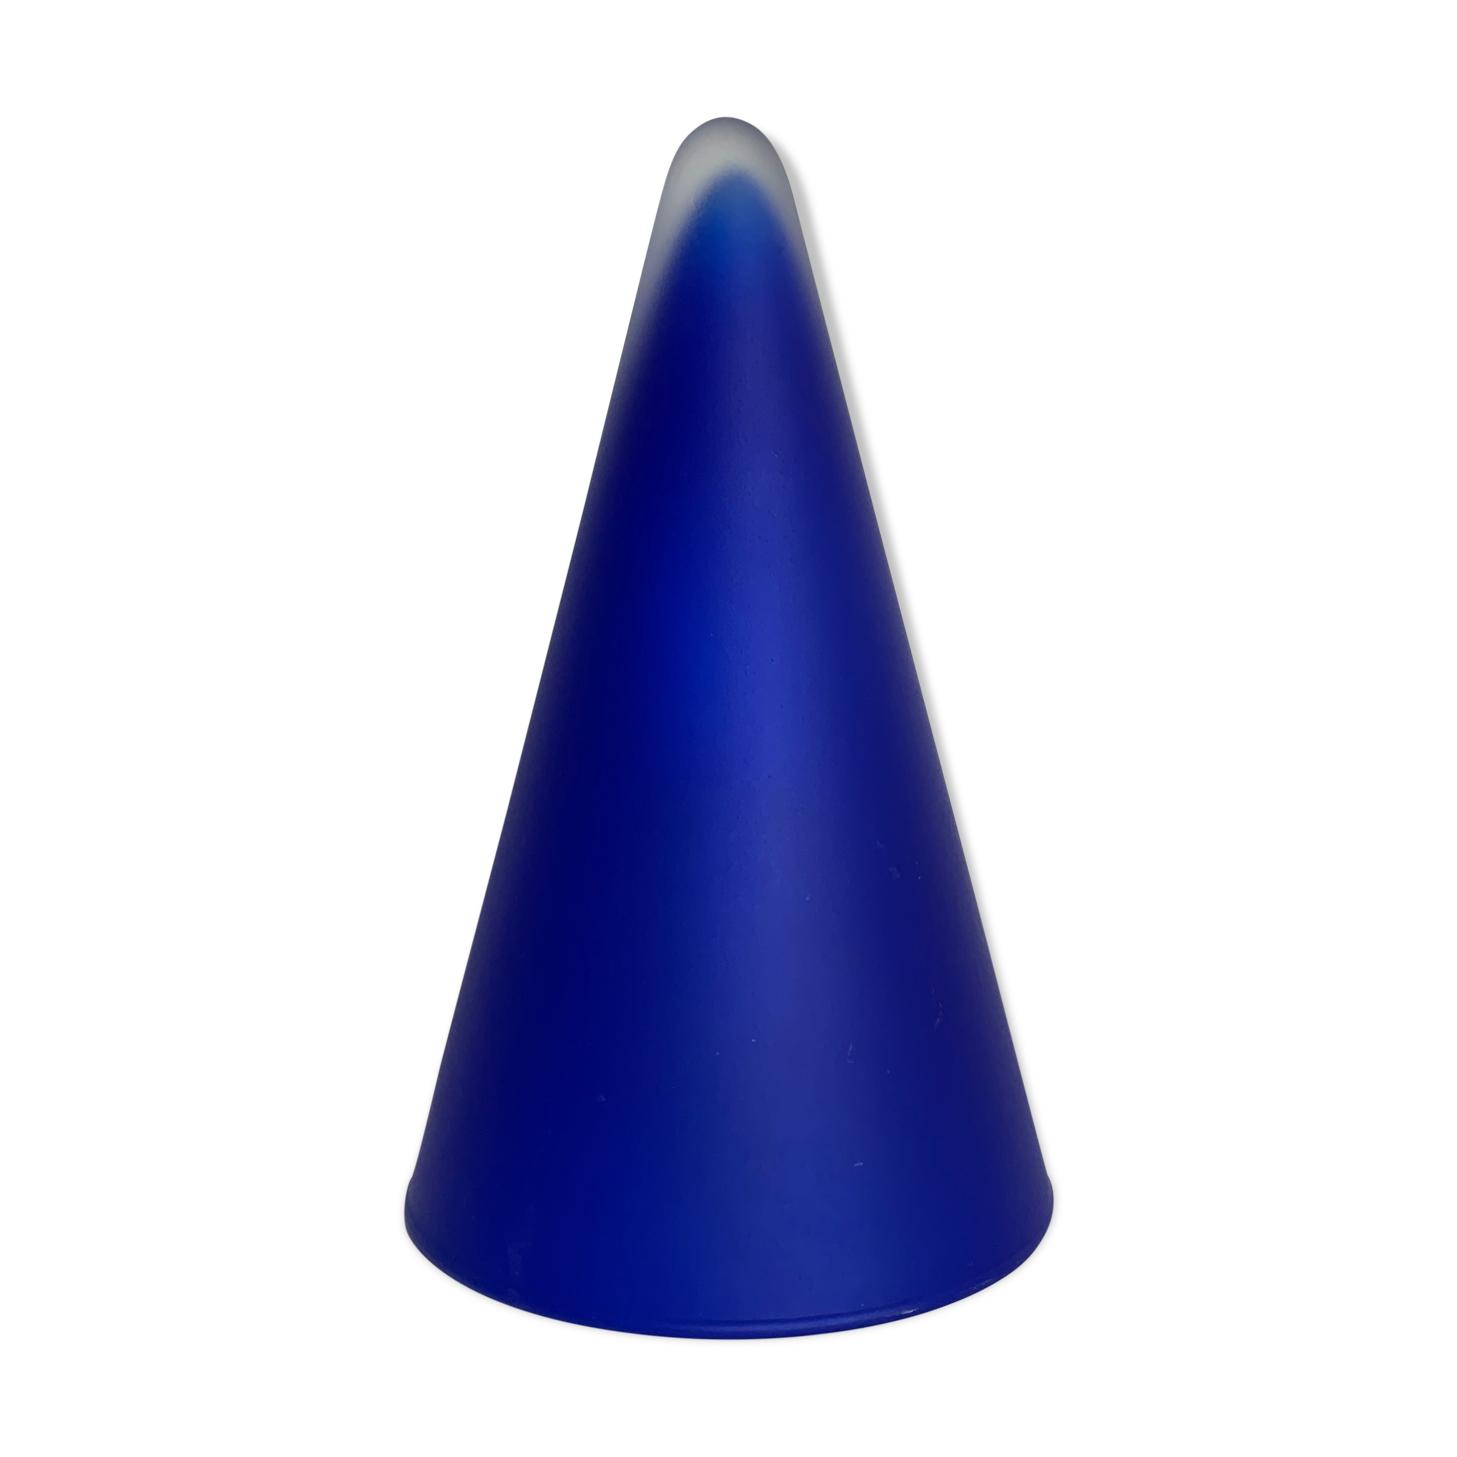 Lampe teepee verre bleu tipi cone conique sce habitat 80